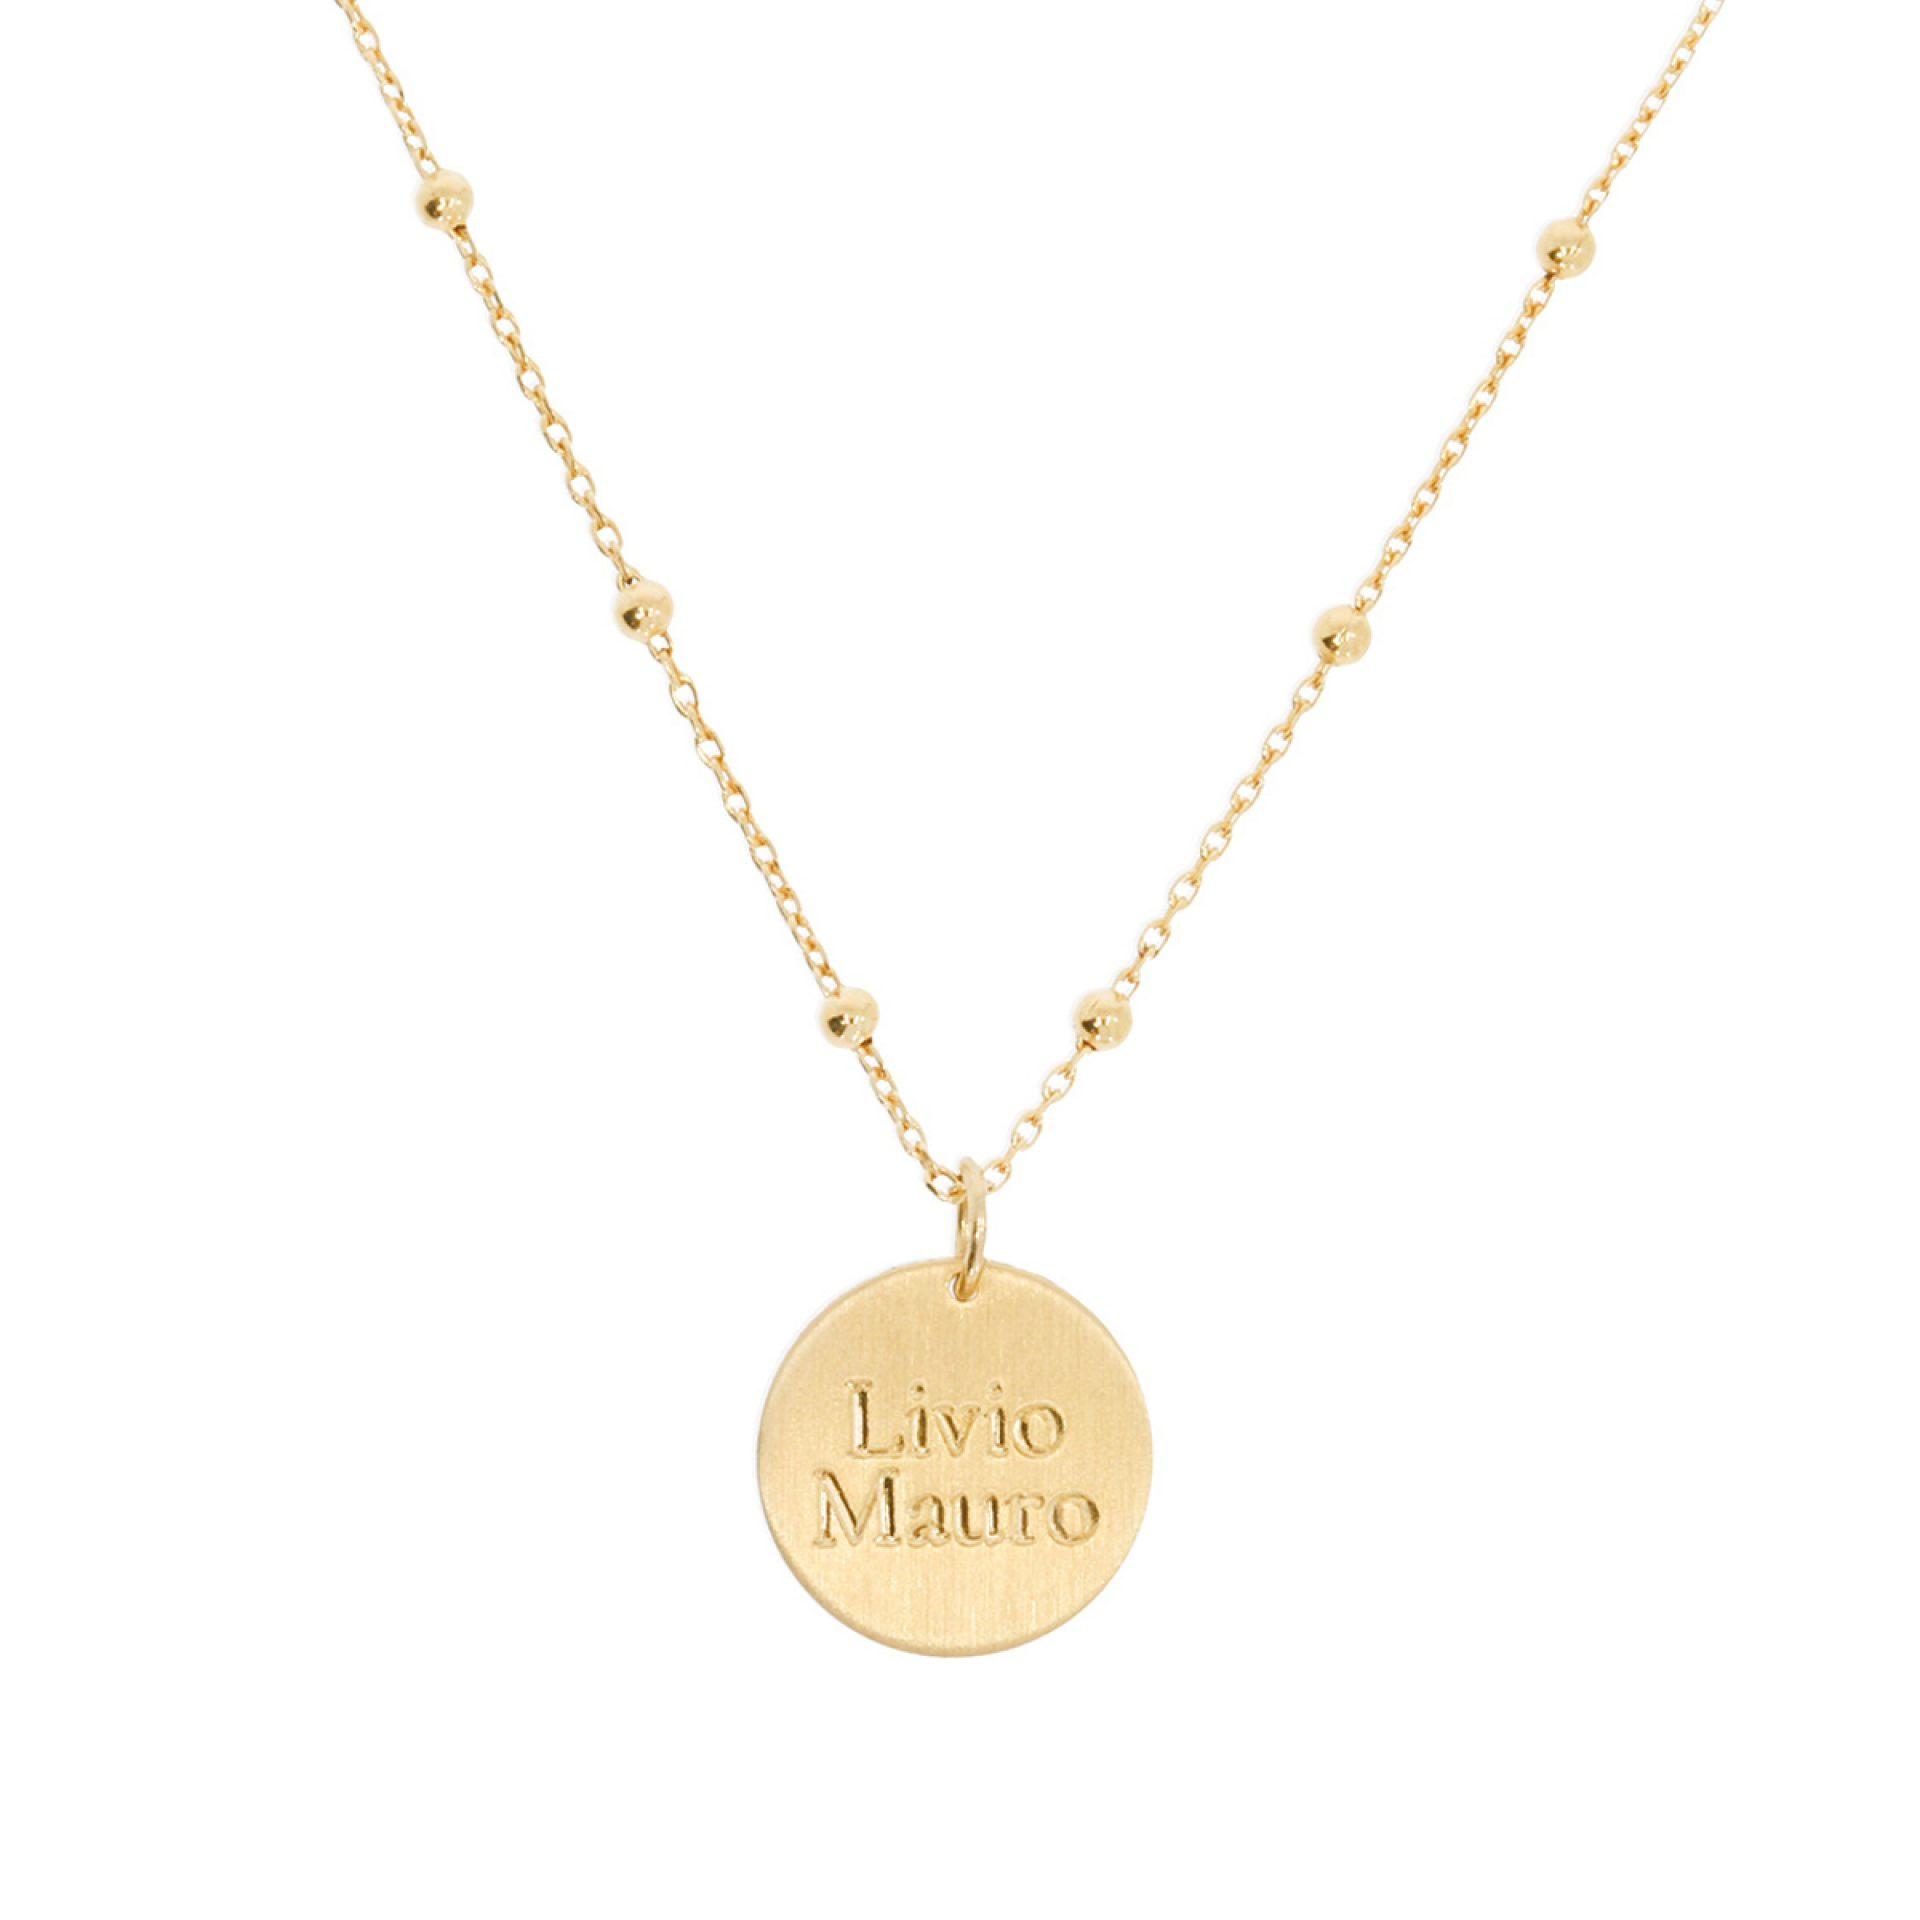 Halskette Silber Gold 750 mit Gravur personalisiert